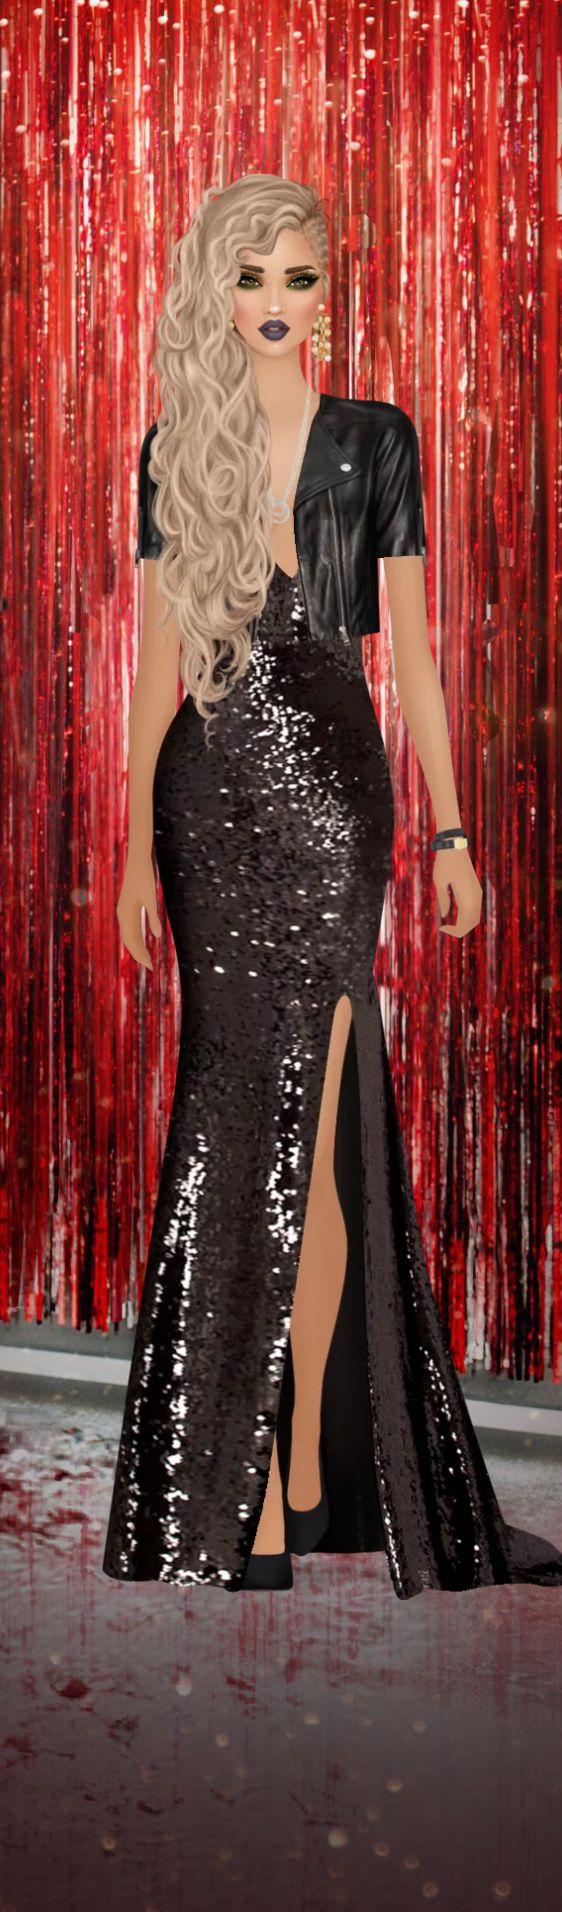 Pin de Génesis em Covet Fashion Moda, Desenhos de moda